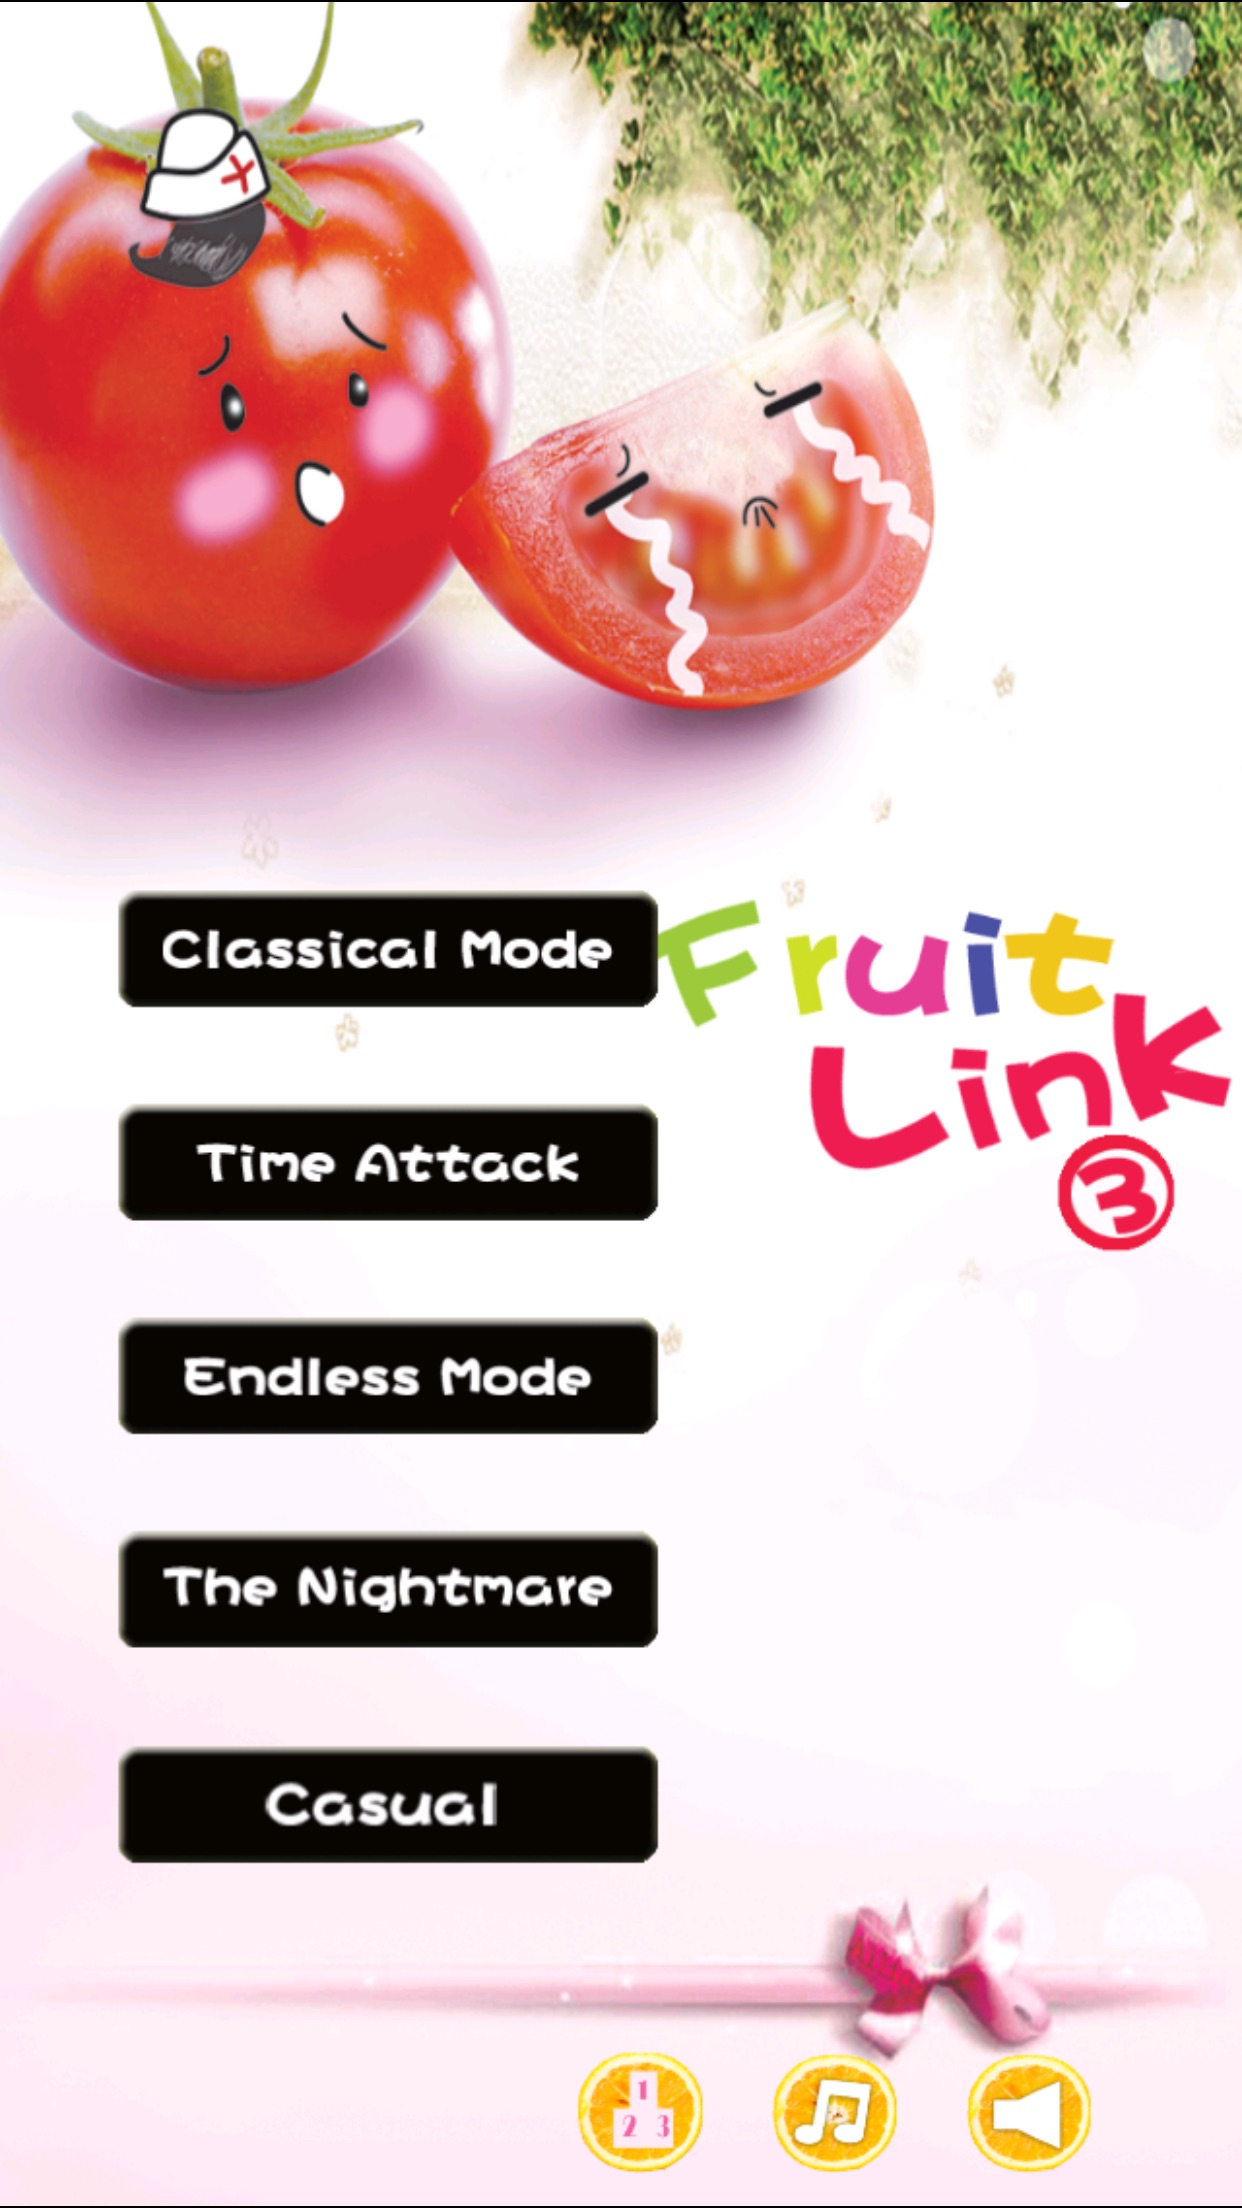 Fruit link 3 - Fruit Link Go 6